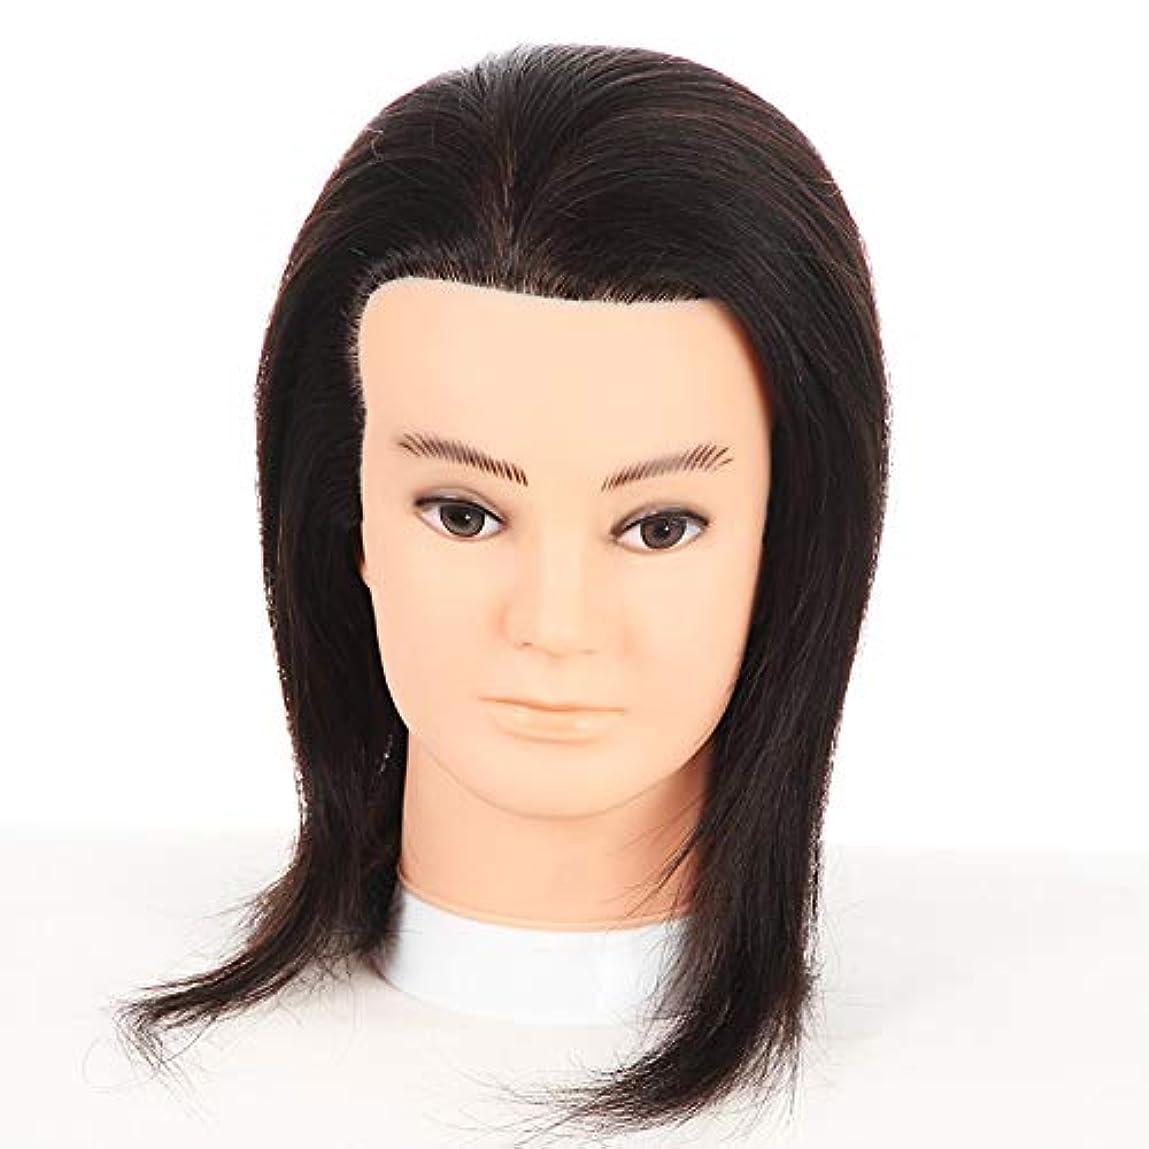 ピアース南極ポルトガル語リアルヘアーヘアスタイリングマネキンヘッド男性ヘッドモデルティーチングヘッド理髪店編組染毛学習ダミーヘッド